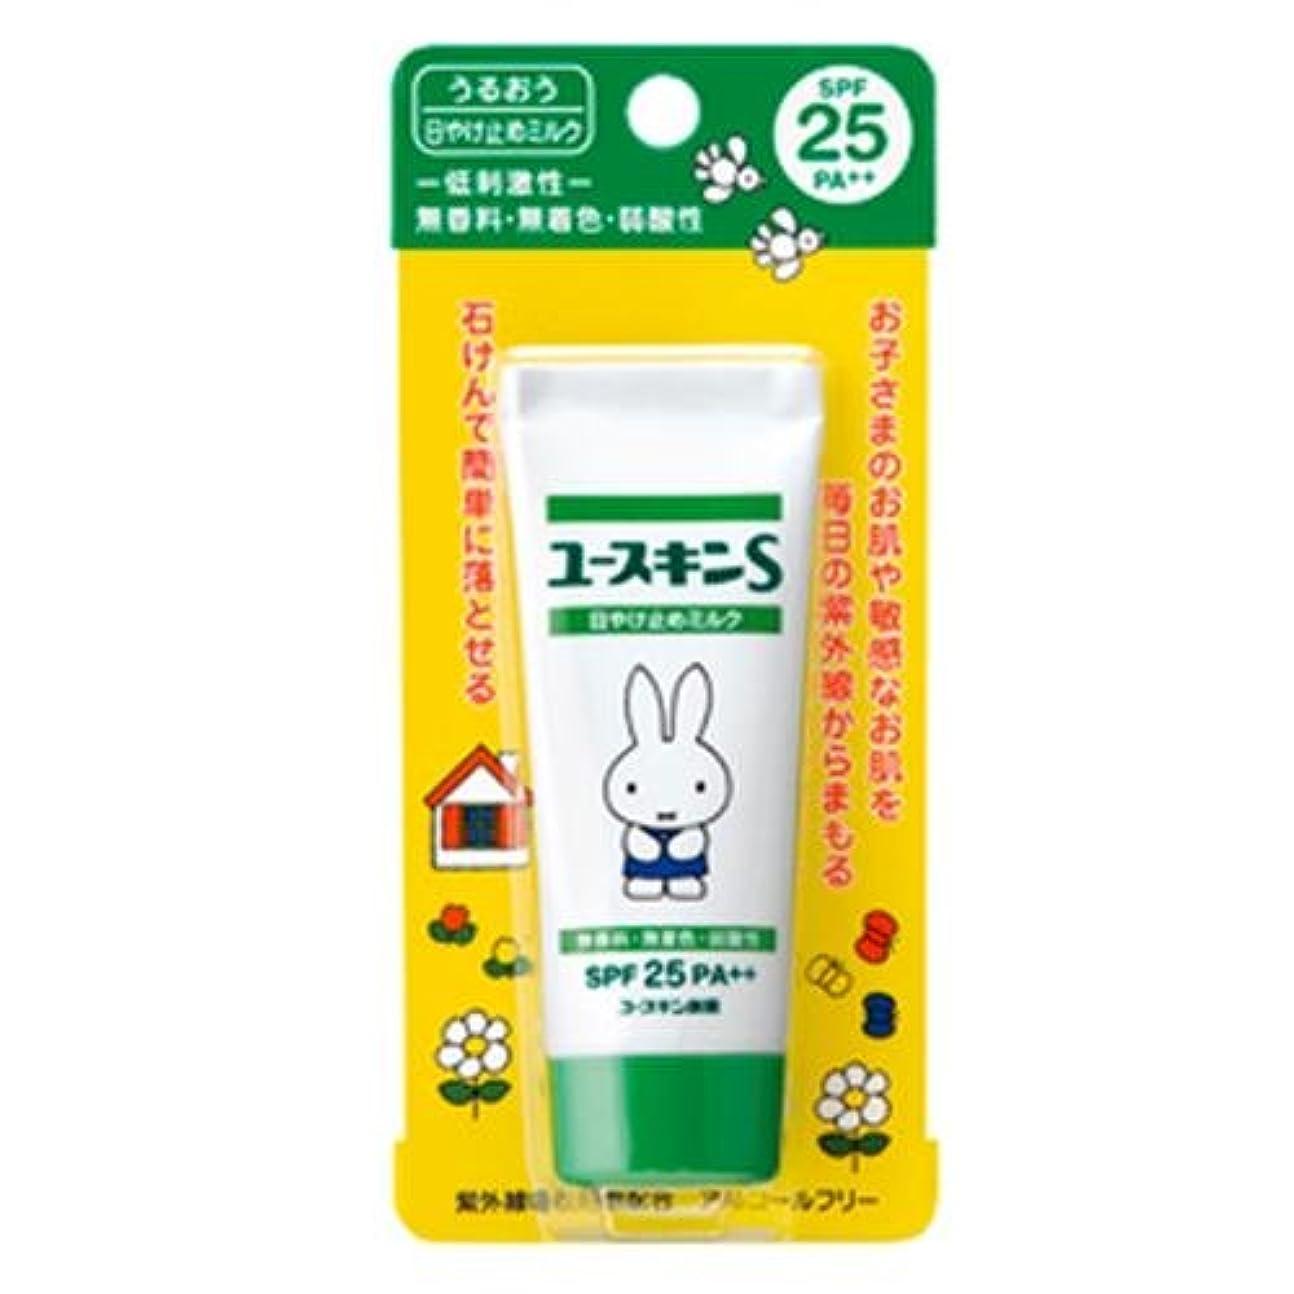 大理石効能枕ユースキンS UVミルク SPF25 PA++ 40g (敏感肌用 日焼け止め)